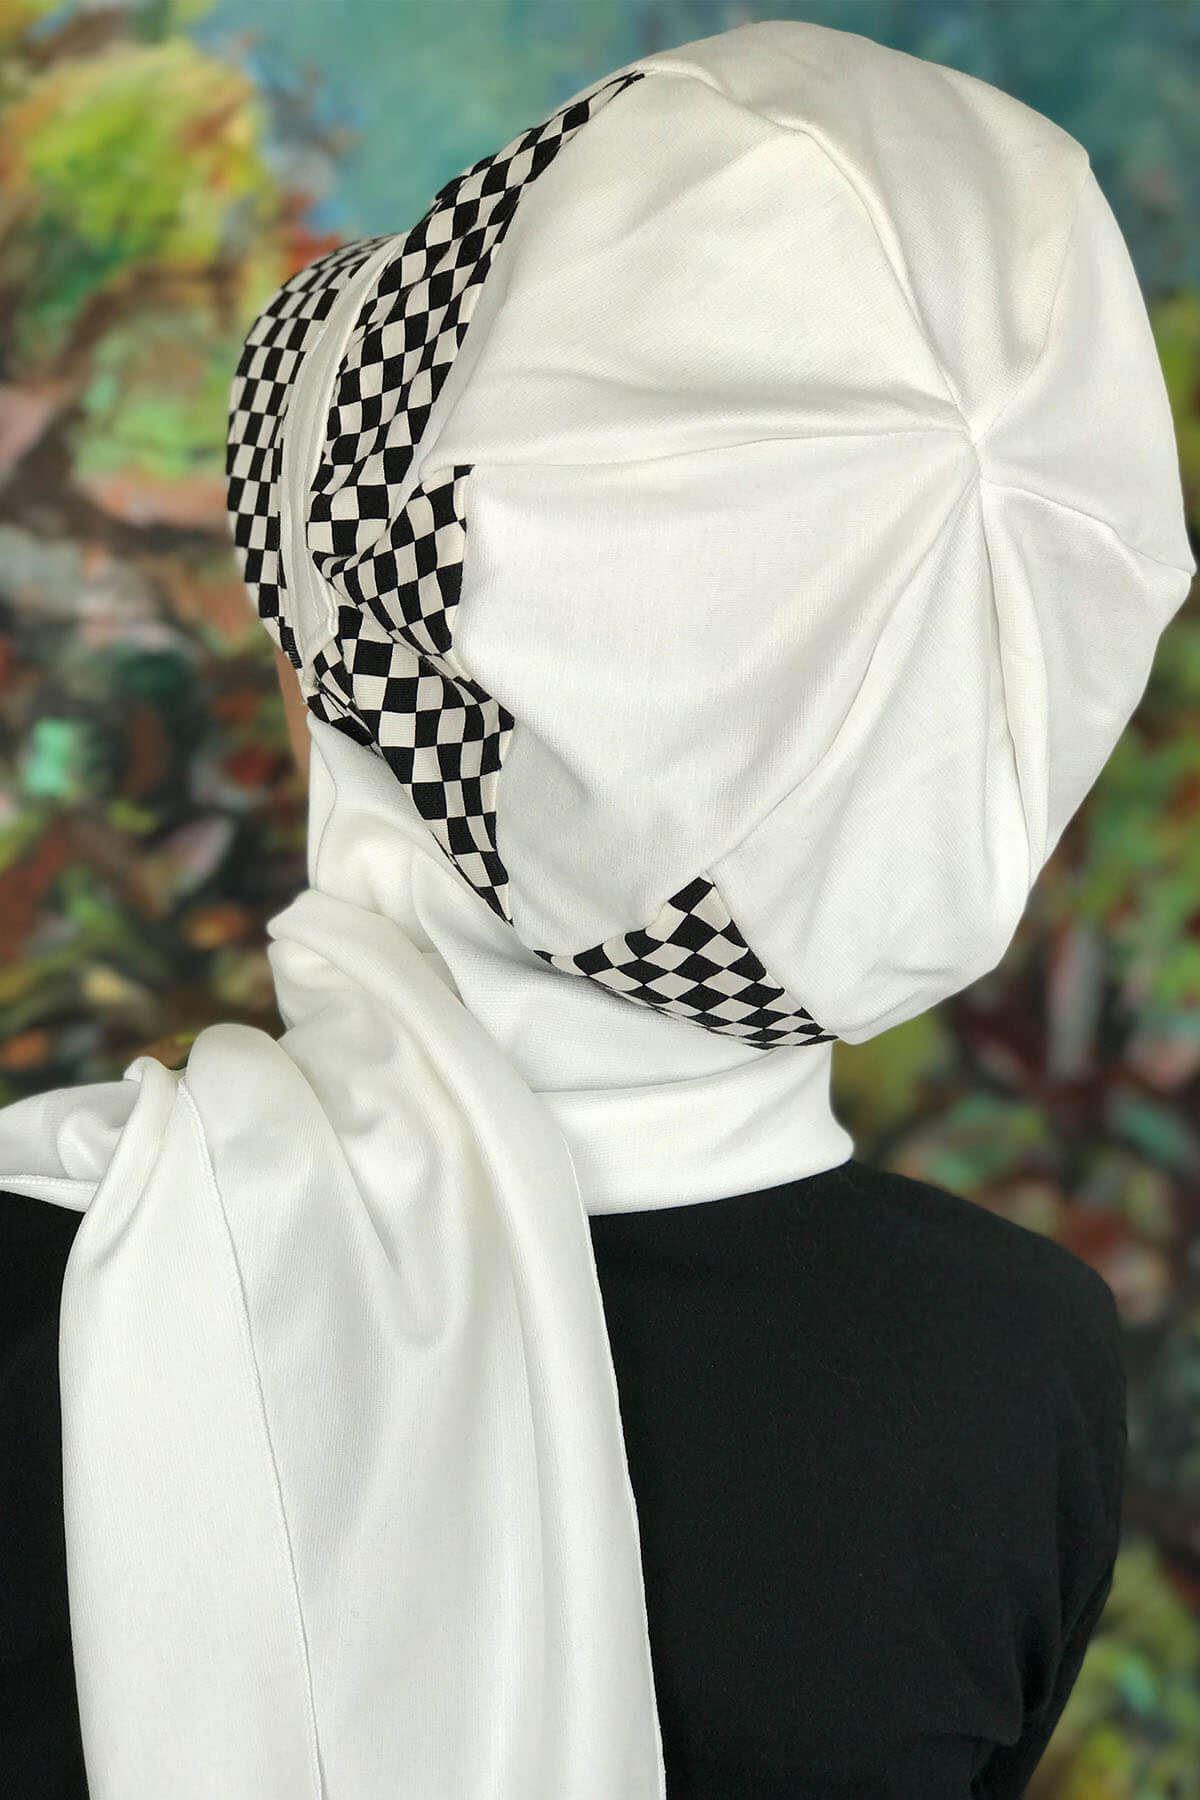 Bad-ı Saba Beyaz Damalı Çarkıfelek Tokalı Beyaz Atkılı Şapka